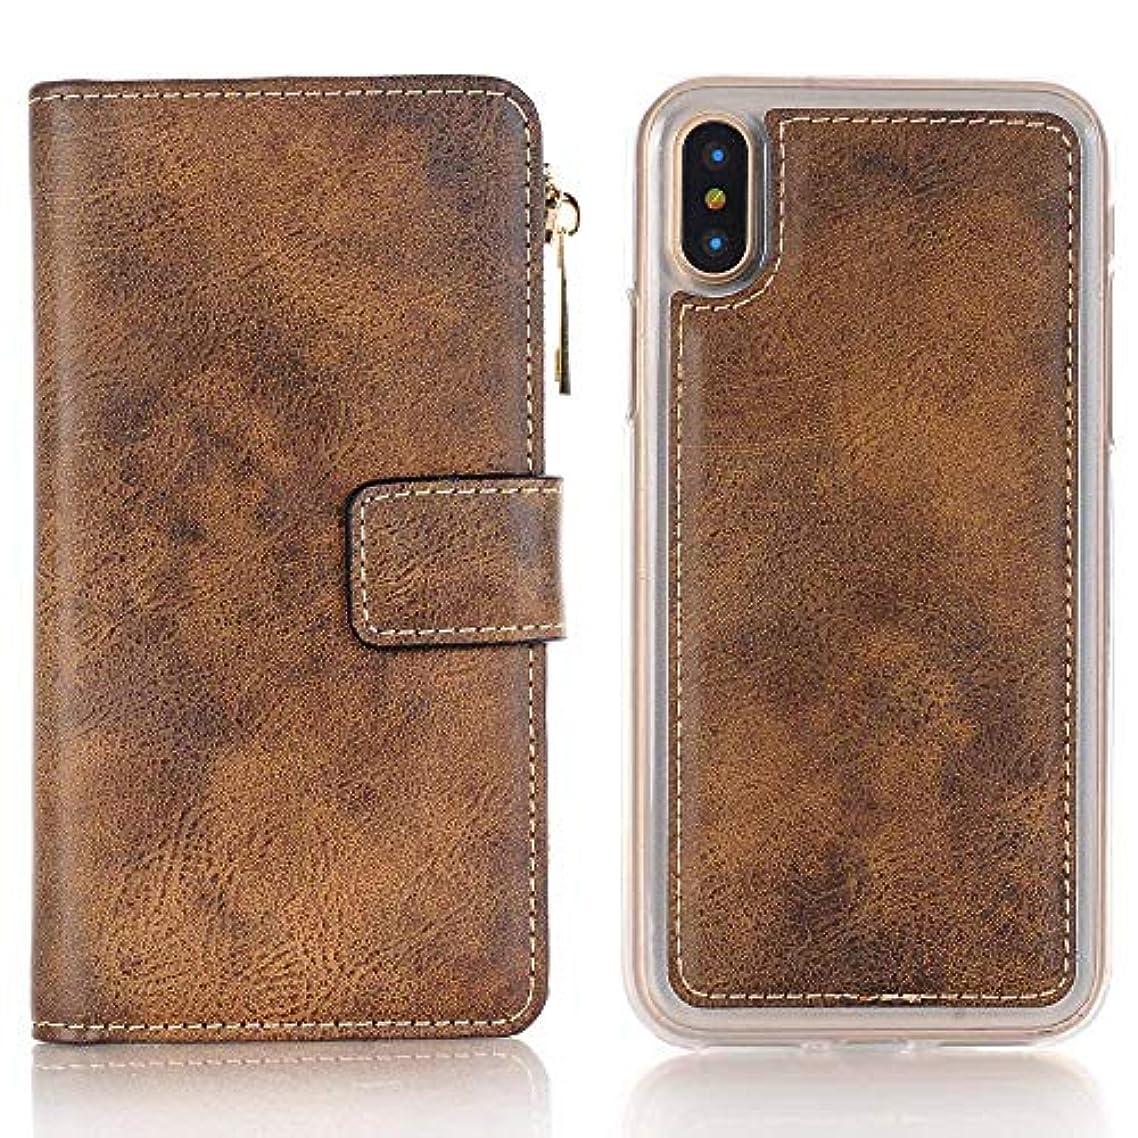 会計士に付ける反対するiPhone ケース 手帳型 INorton 全面保護カバー 耐衝撃 レンズ保護 カード収納 分離式 高品質レザー シリコン 軽量 マグネット式